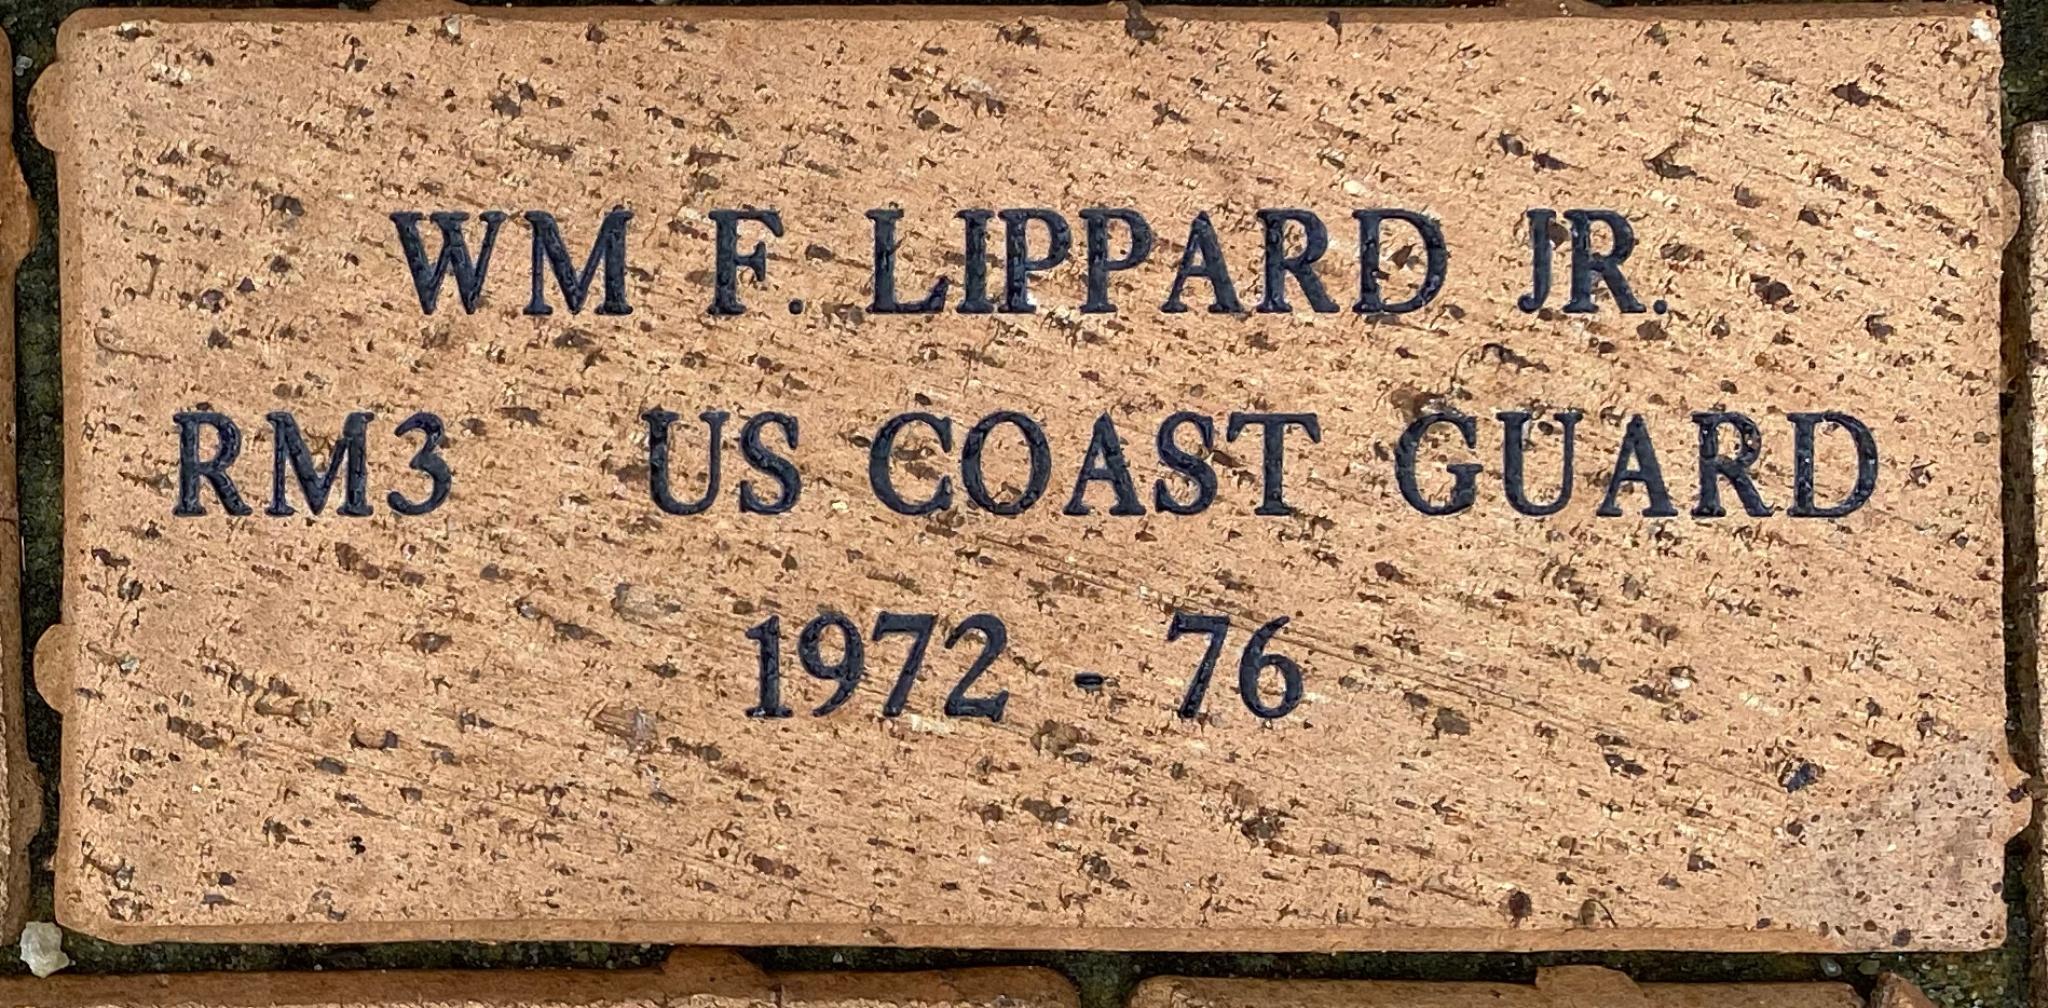 WM F LIPPARD JR RM3 US COAST GUARD 1972 – 76